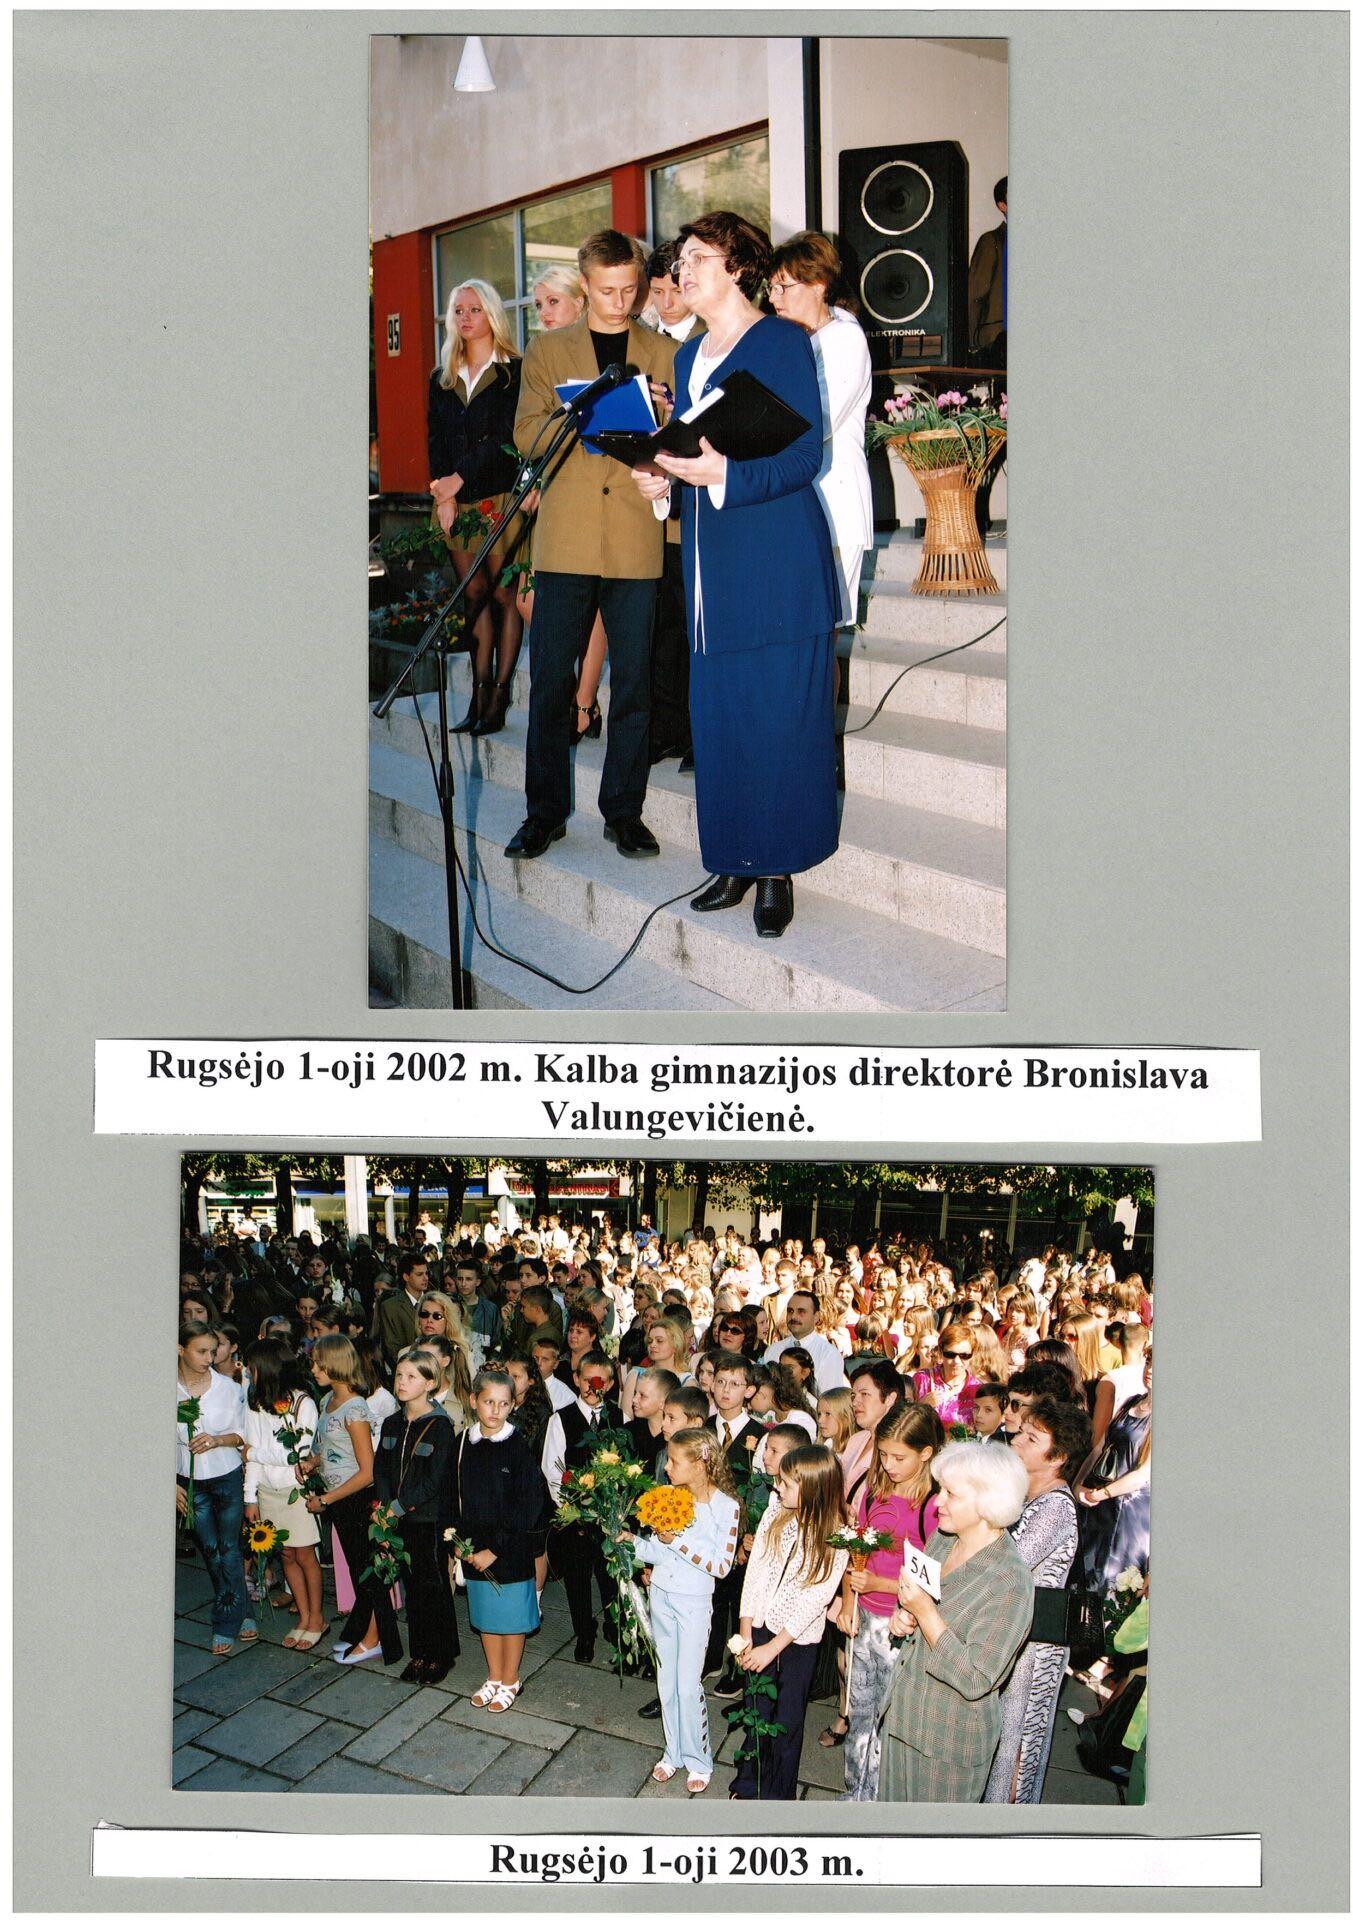 2002 m. Rugsėjo 1-oji